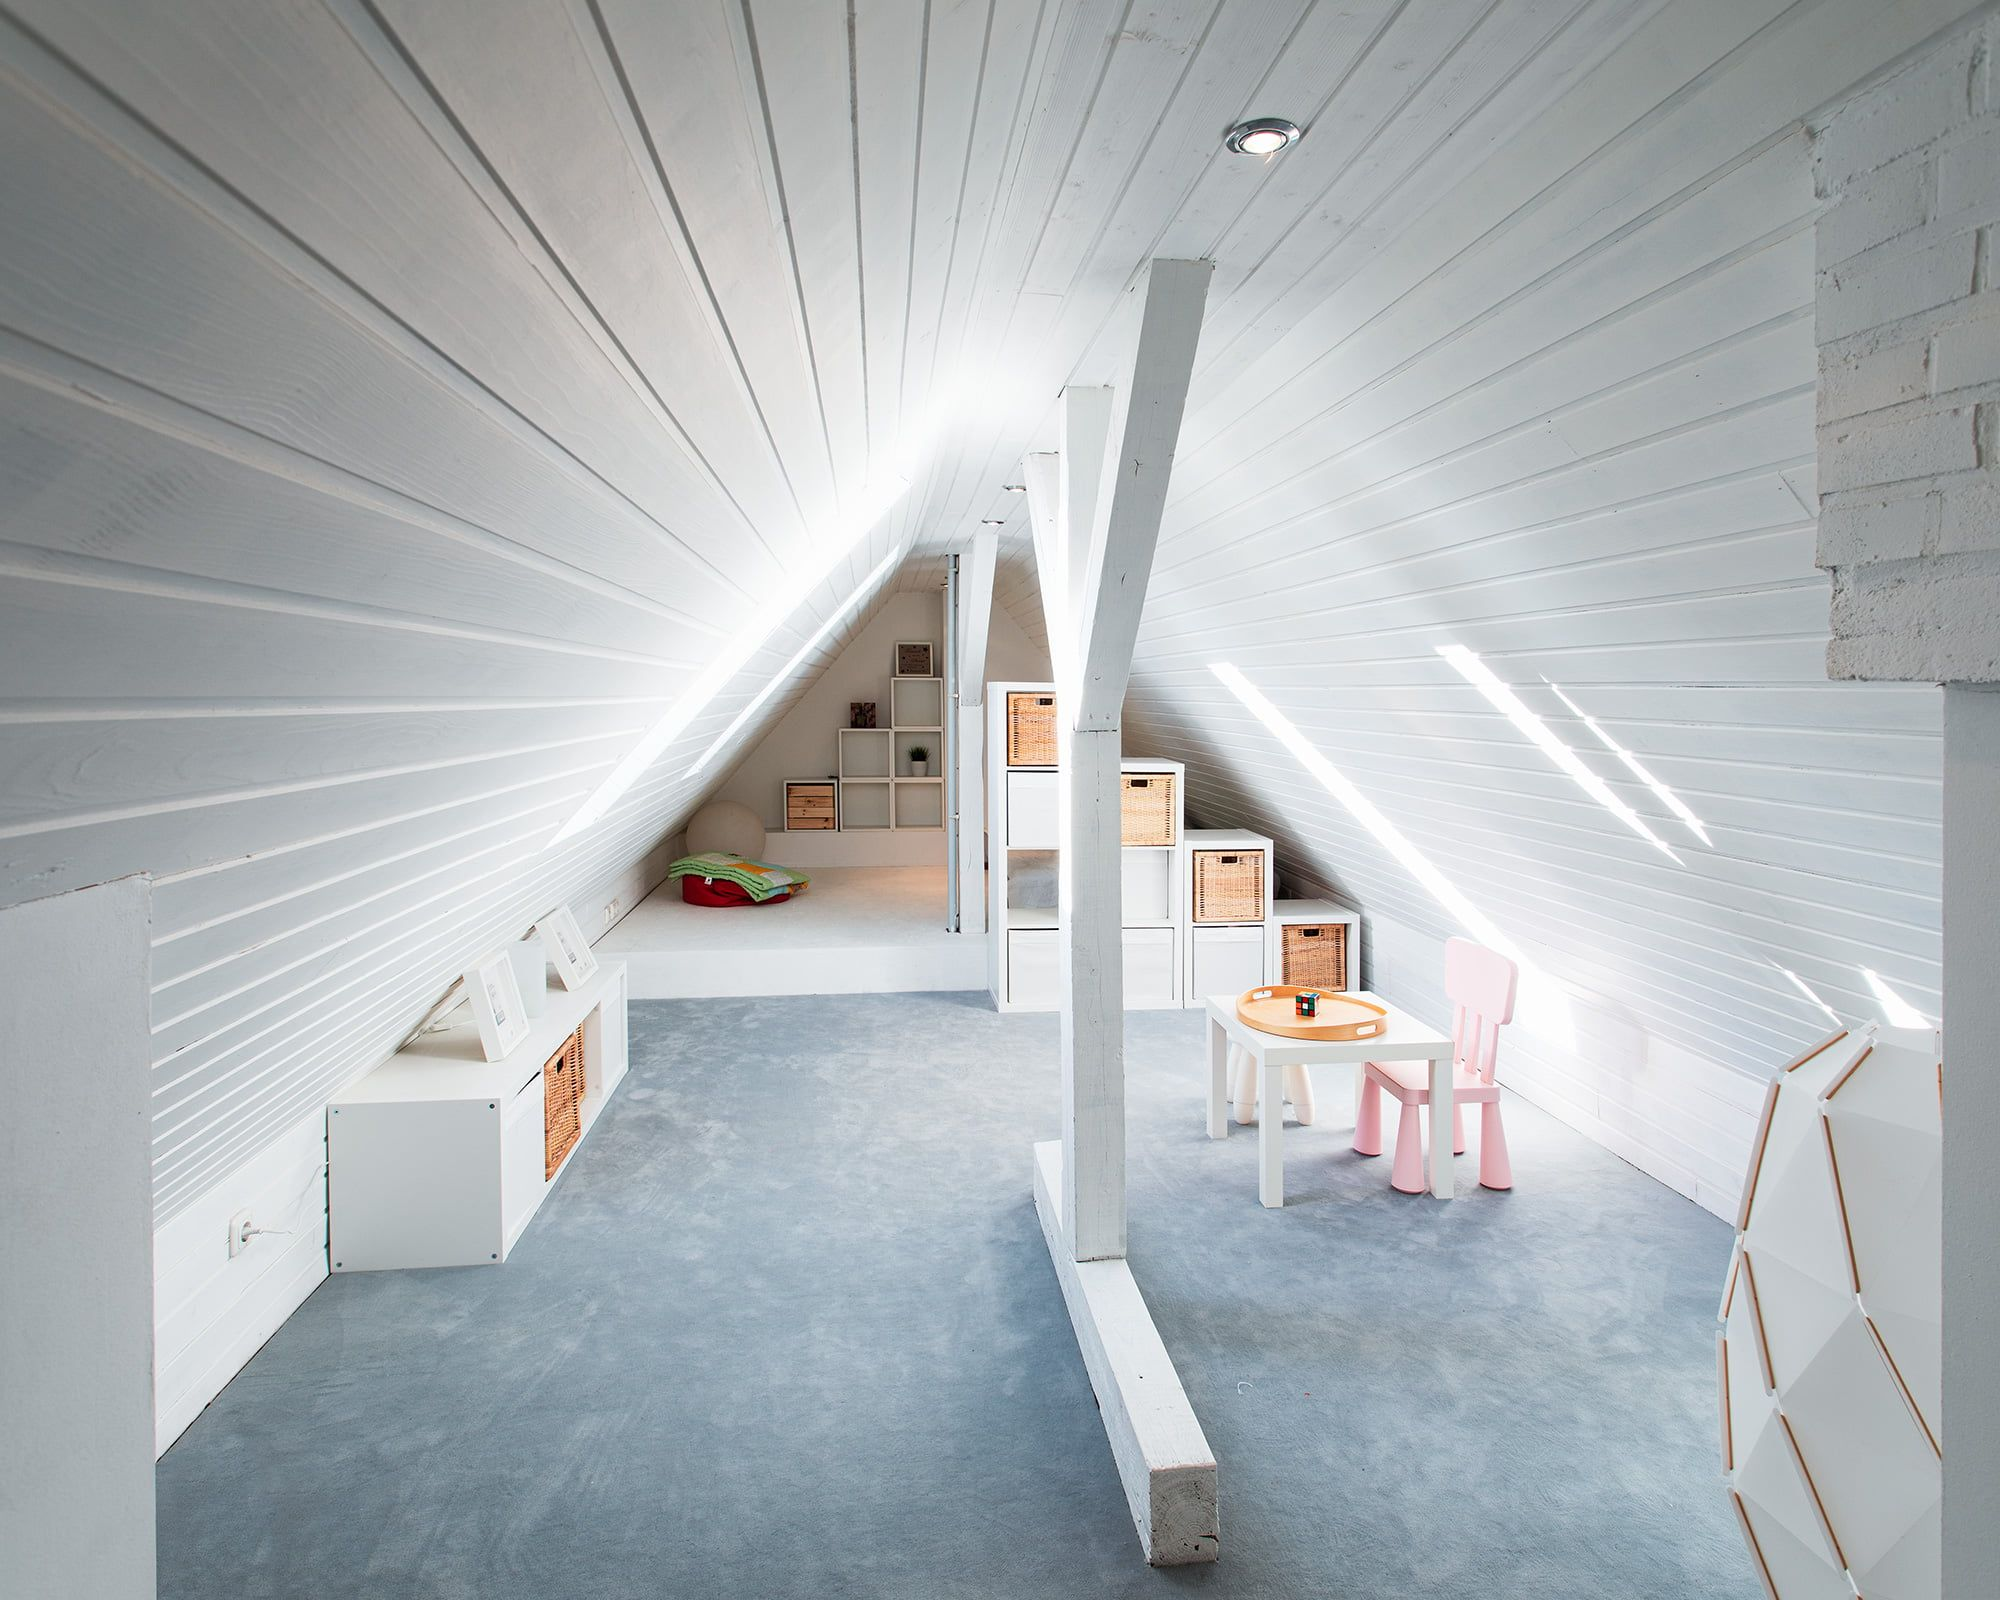 Umbau Dachgeschoss Spitzbodenausbau Robin Klein In 2020 Dachgeschoss Dachboden Renovierung Dach